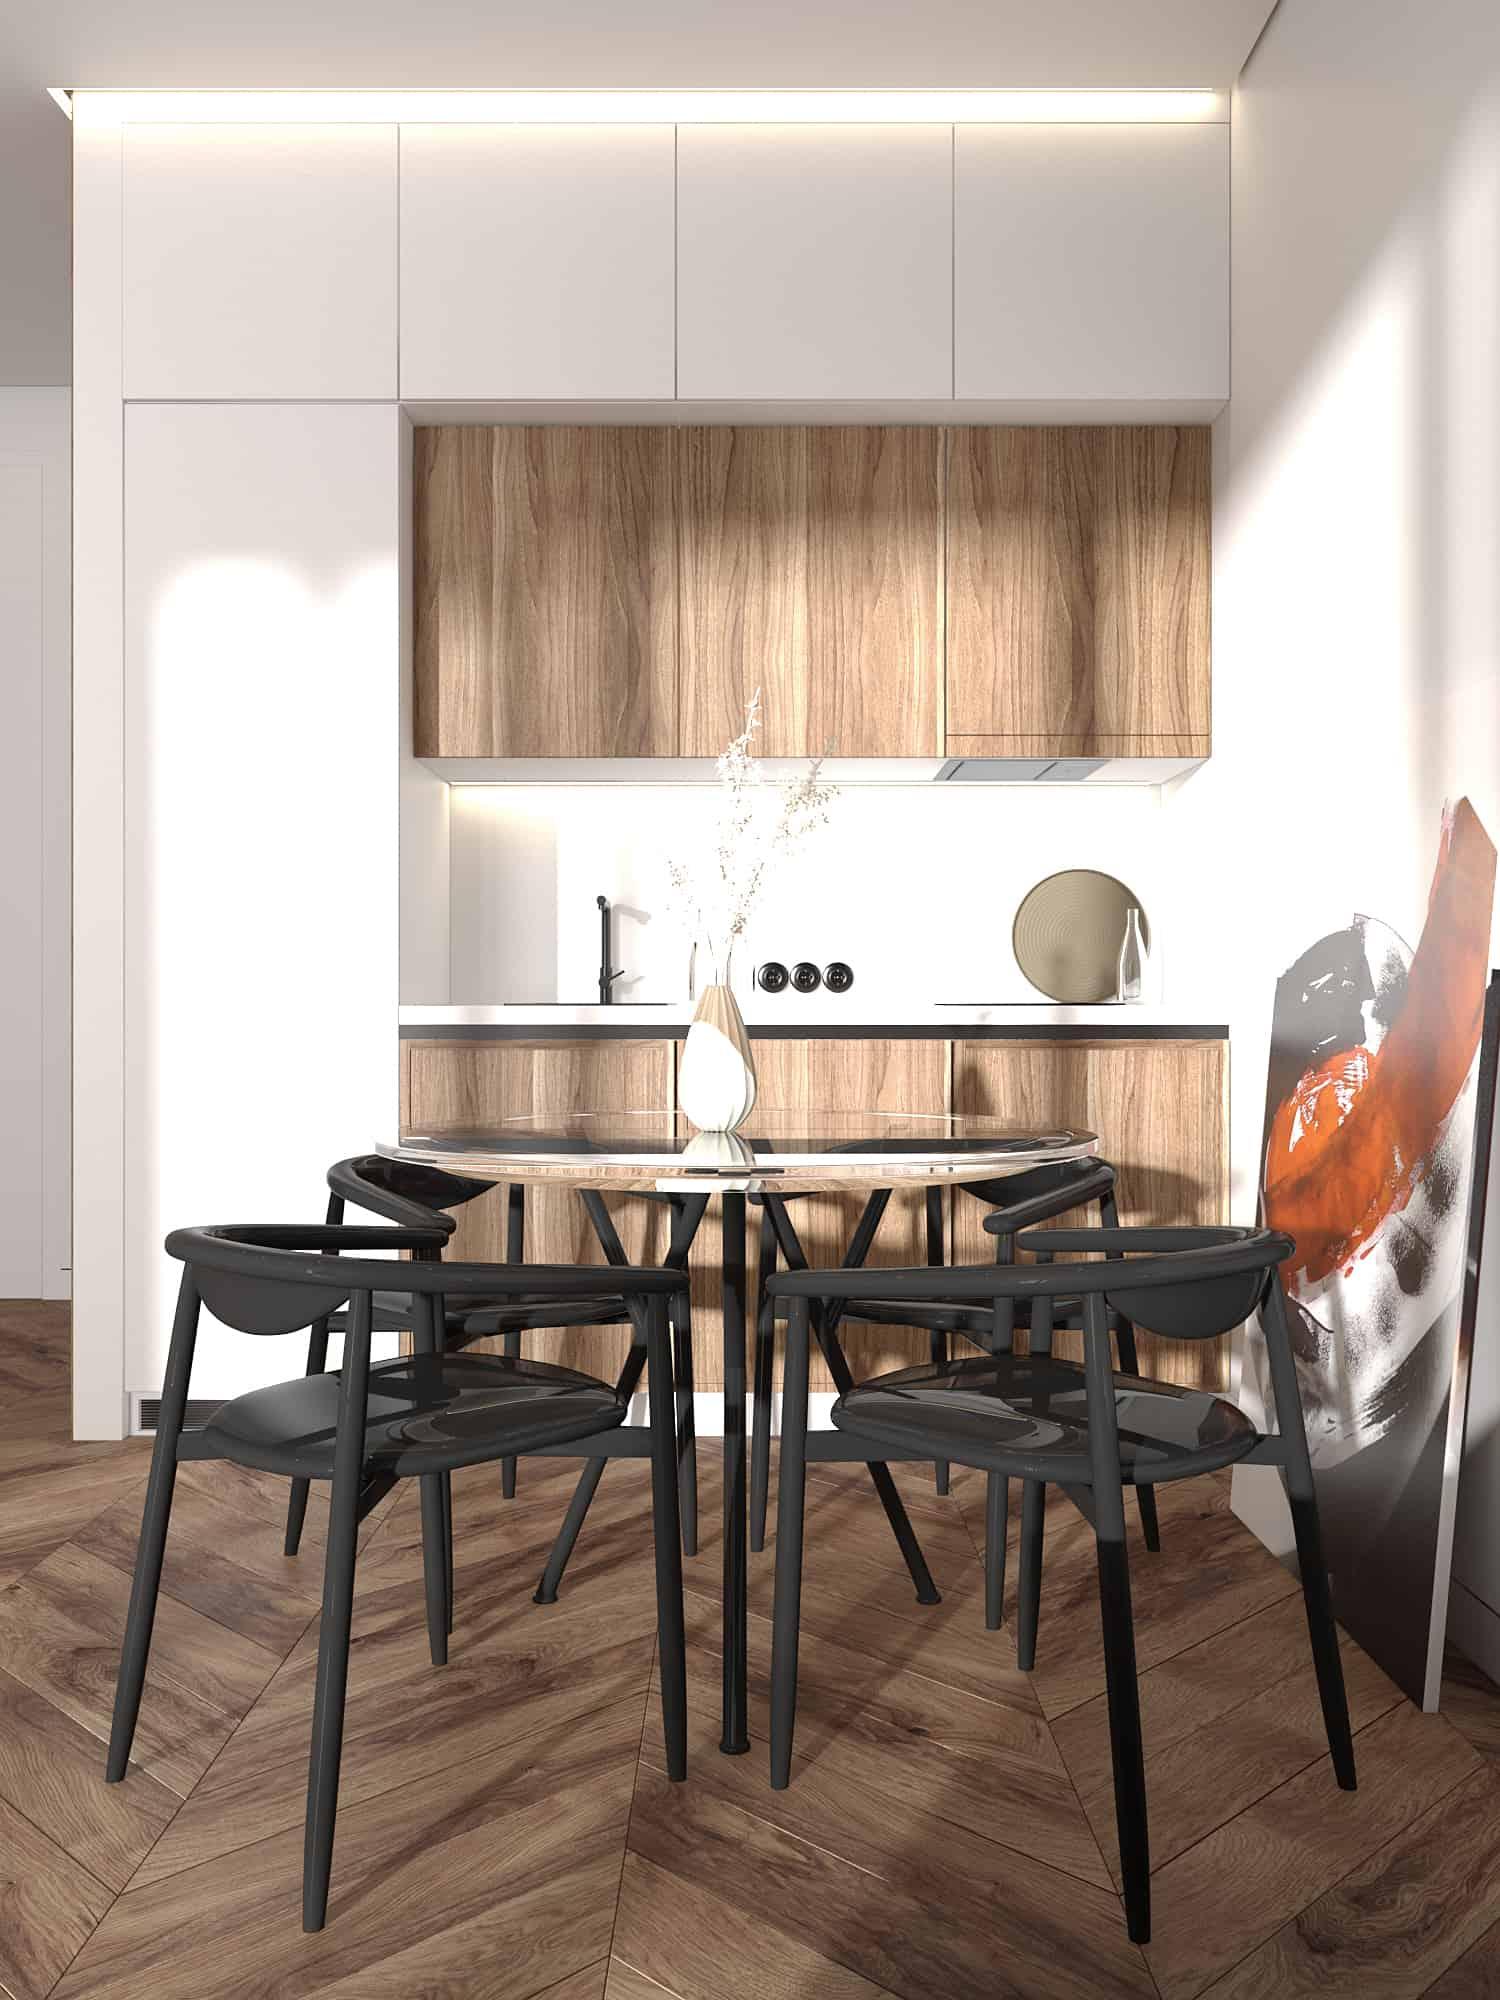 TT10A. Apartment in Taryans Towers, Kyiv | Interior Designio